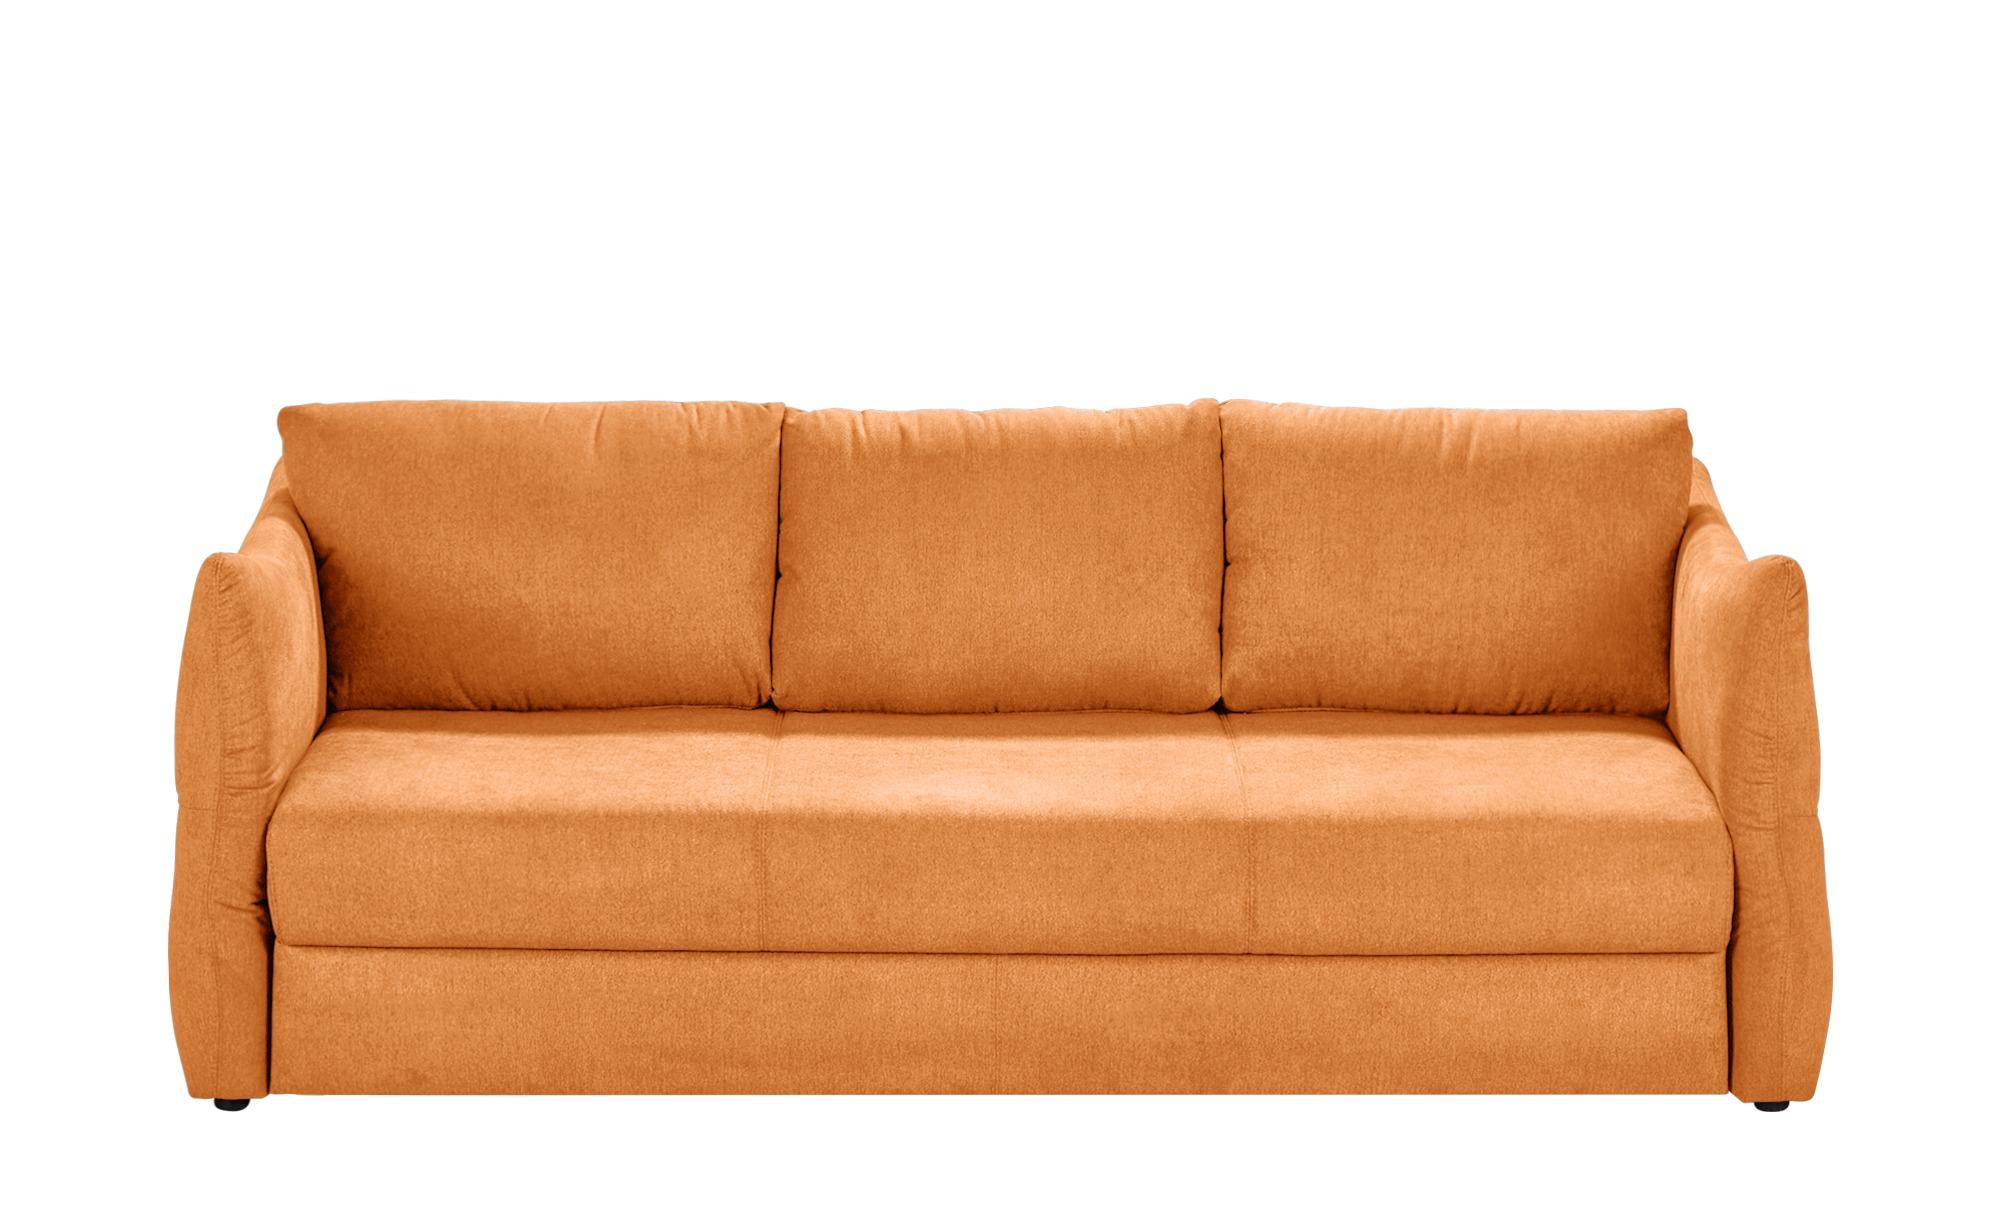 smart Sofa 3-sitzig ocker - Webstoff Franziska ¦ orange ¦ Maße (cm): B: 226 H: 100 T: 87 Polstermöbel > Sofas > 3-Sitzer - Höffner